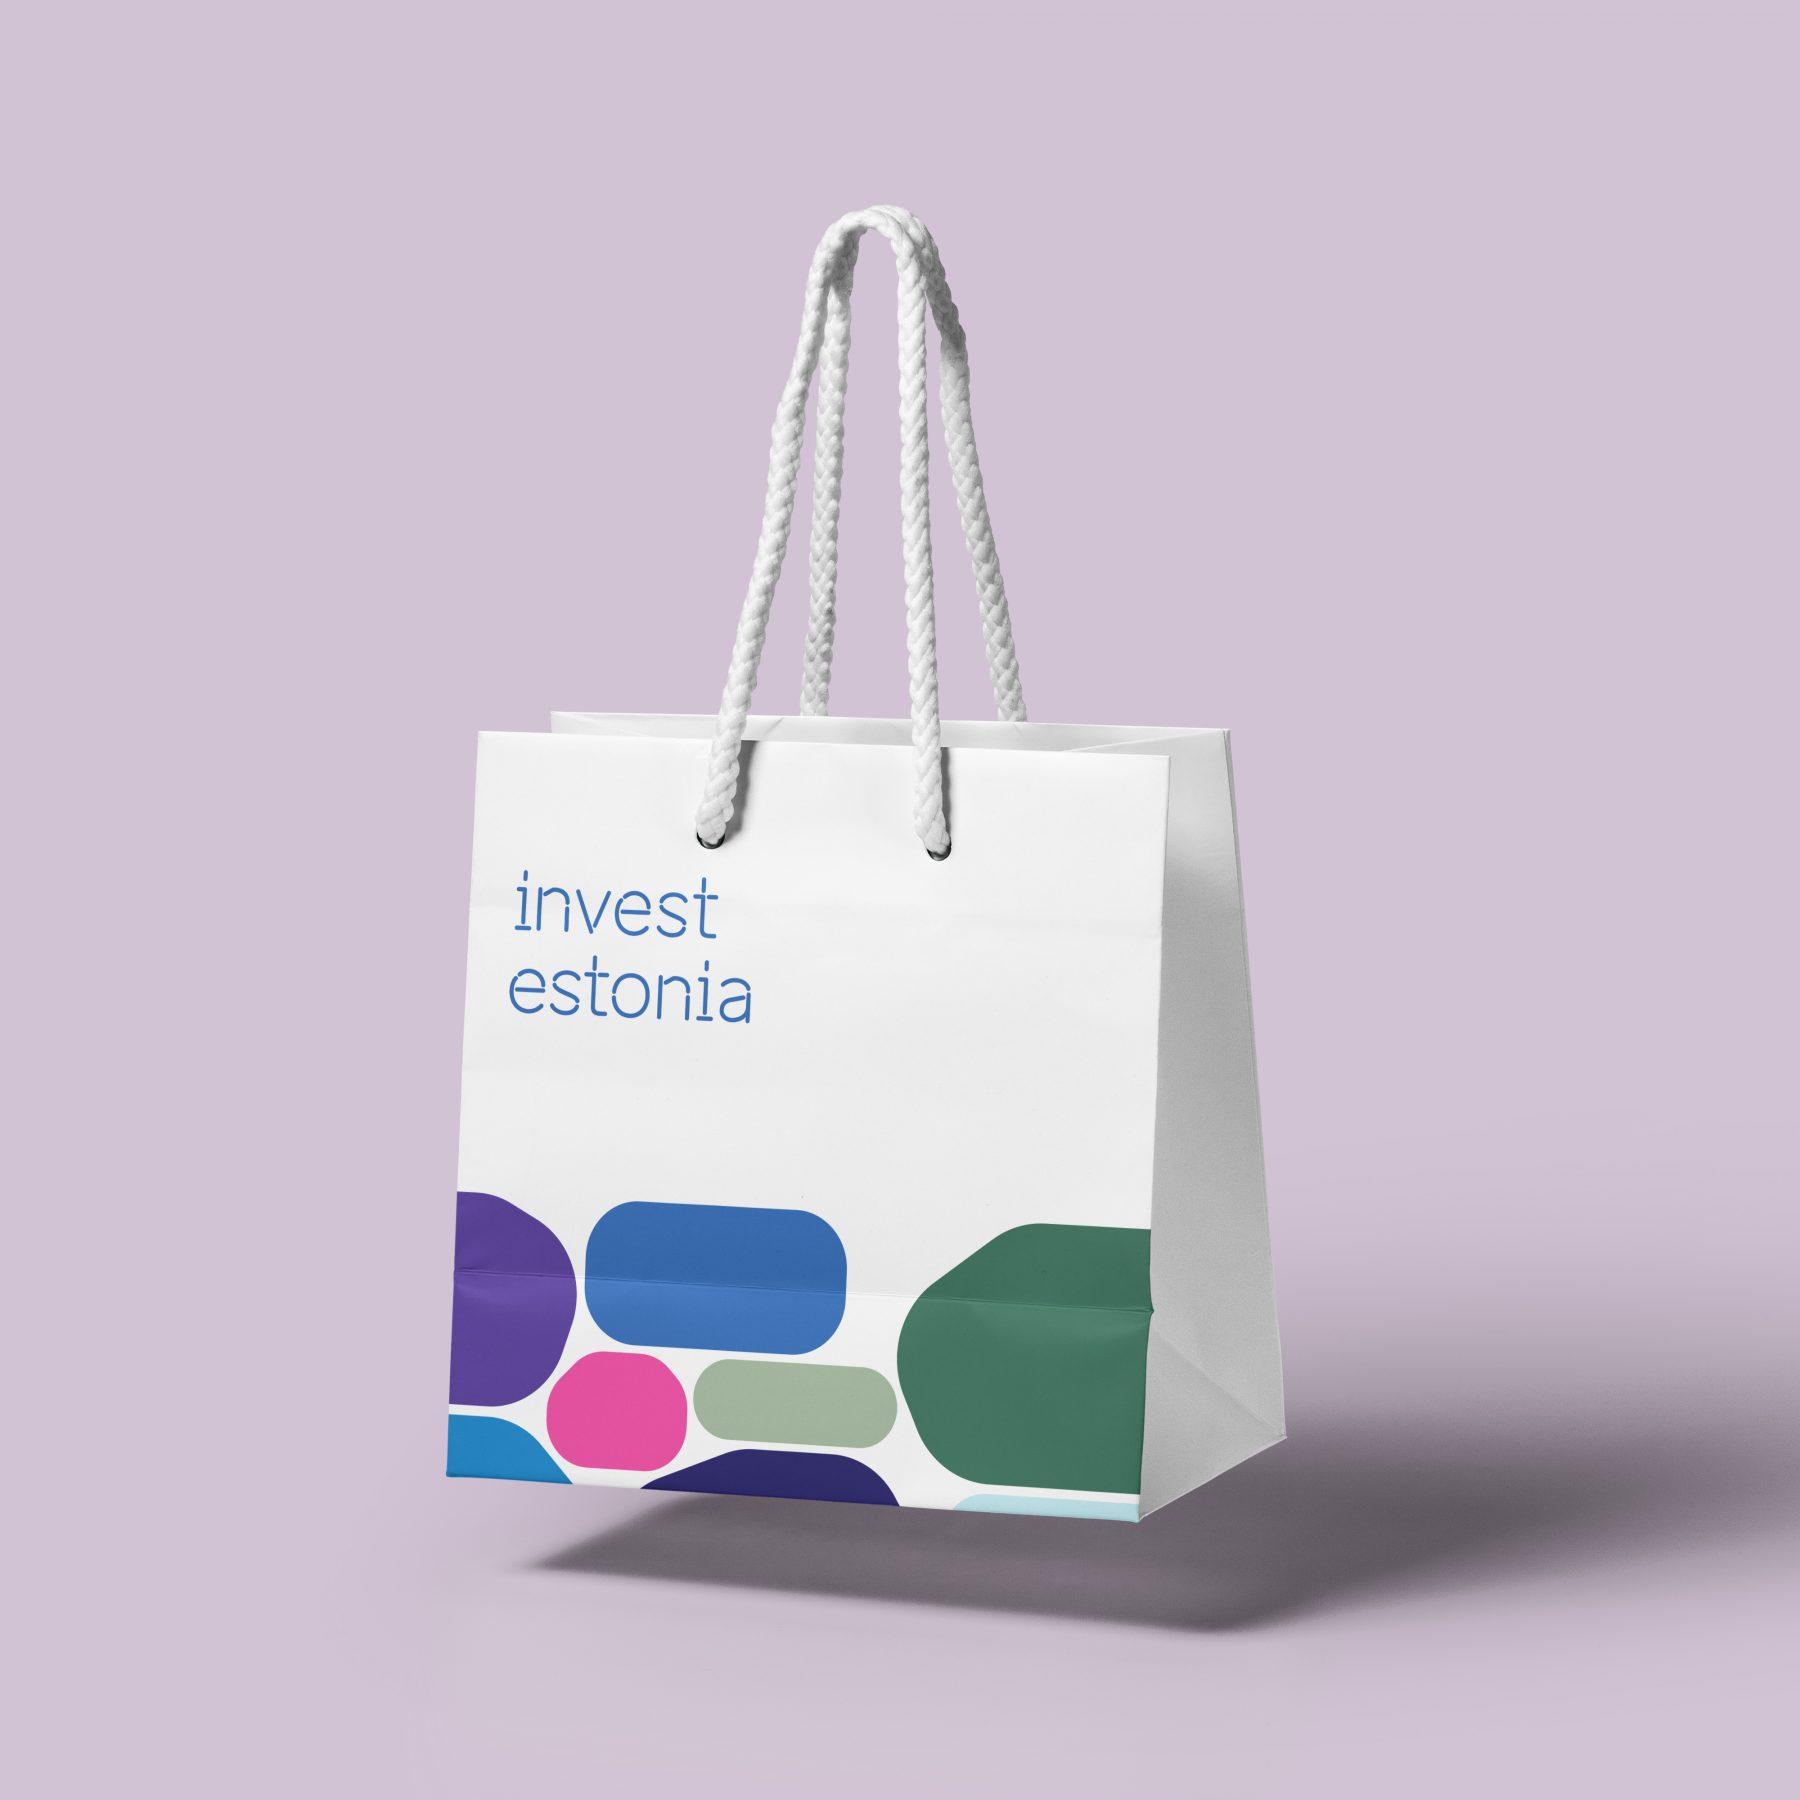 invest estonia bag example